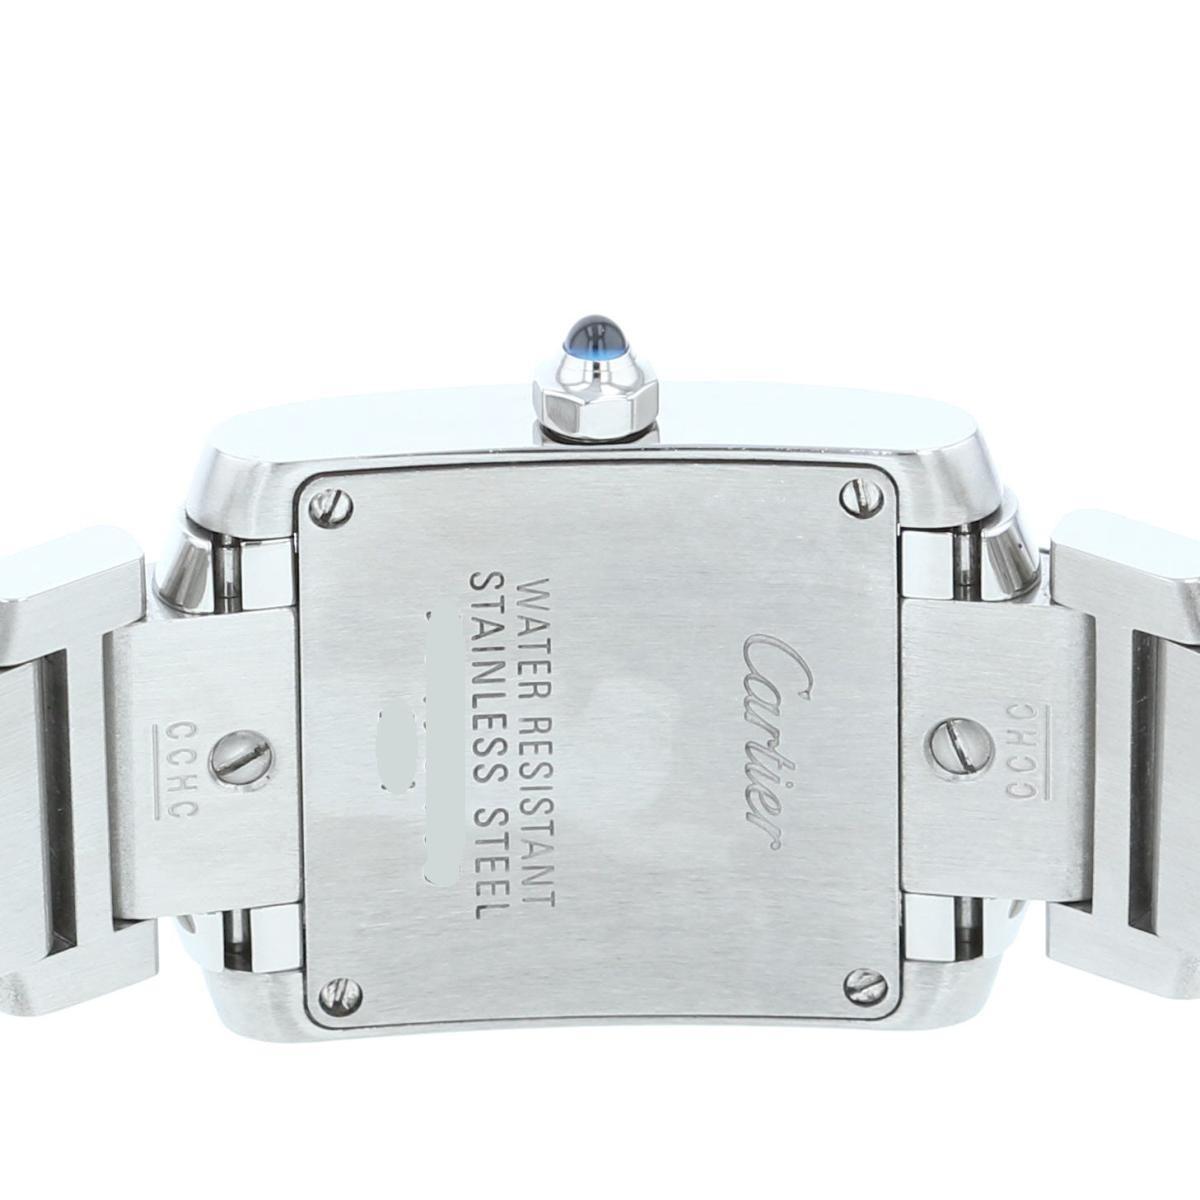 【中古】Cartier カルティエ タンクフランセーズSM 時計 クオーツ/レディース 電池 Tank Francaise White/ホワイト W51008Q3 used:A